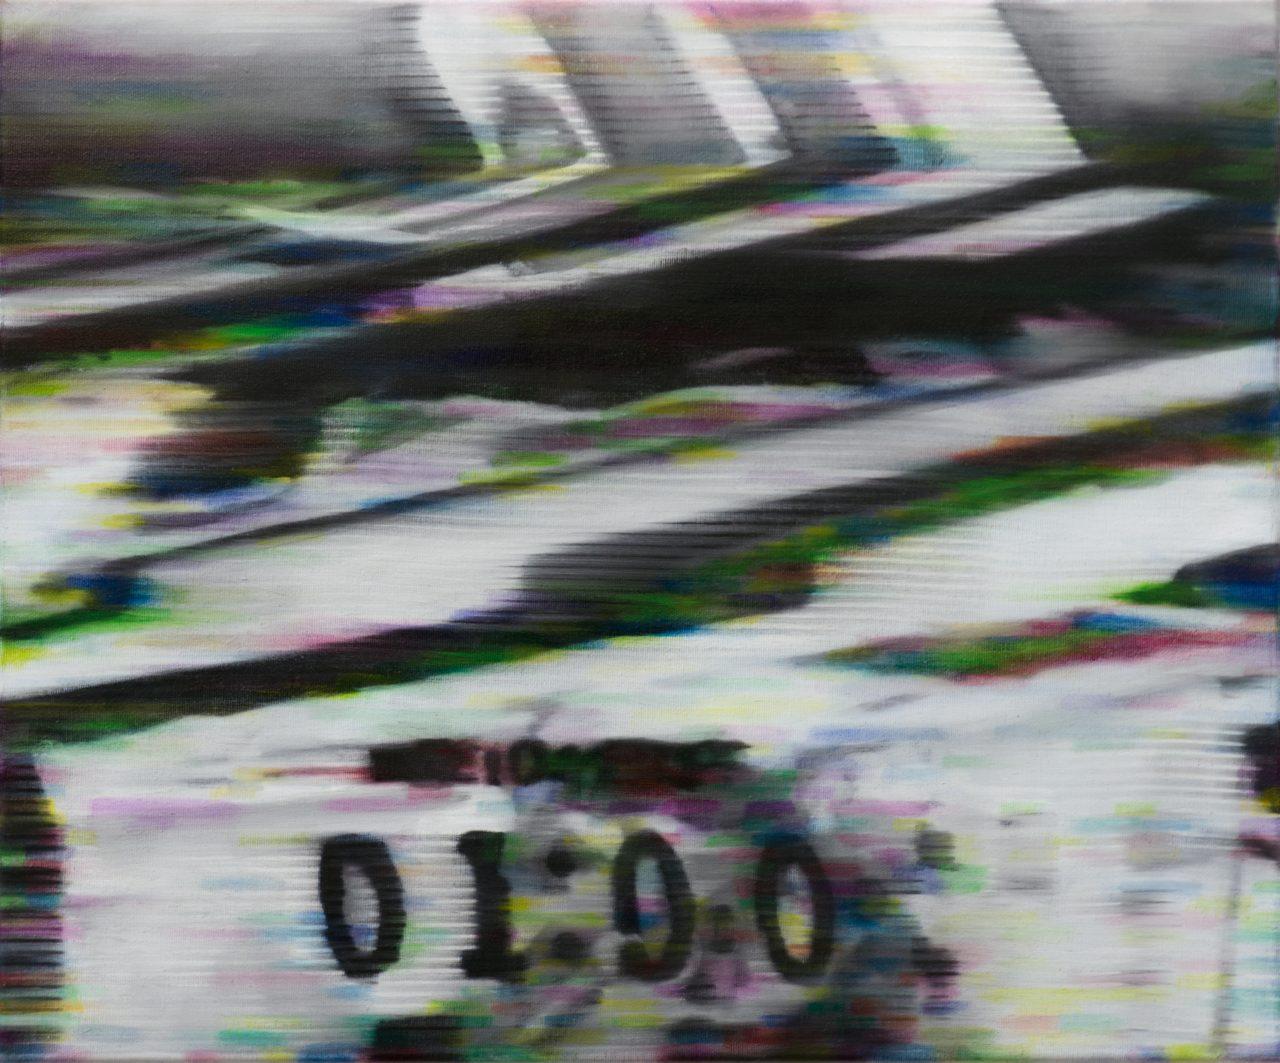 Reset/Restart | Enda O'Donoghue | available artwork